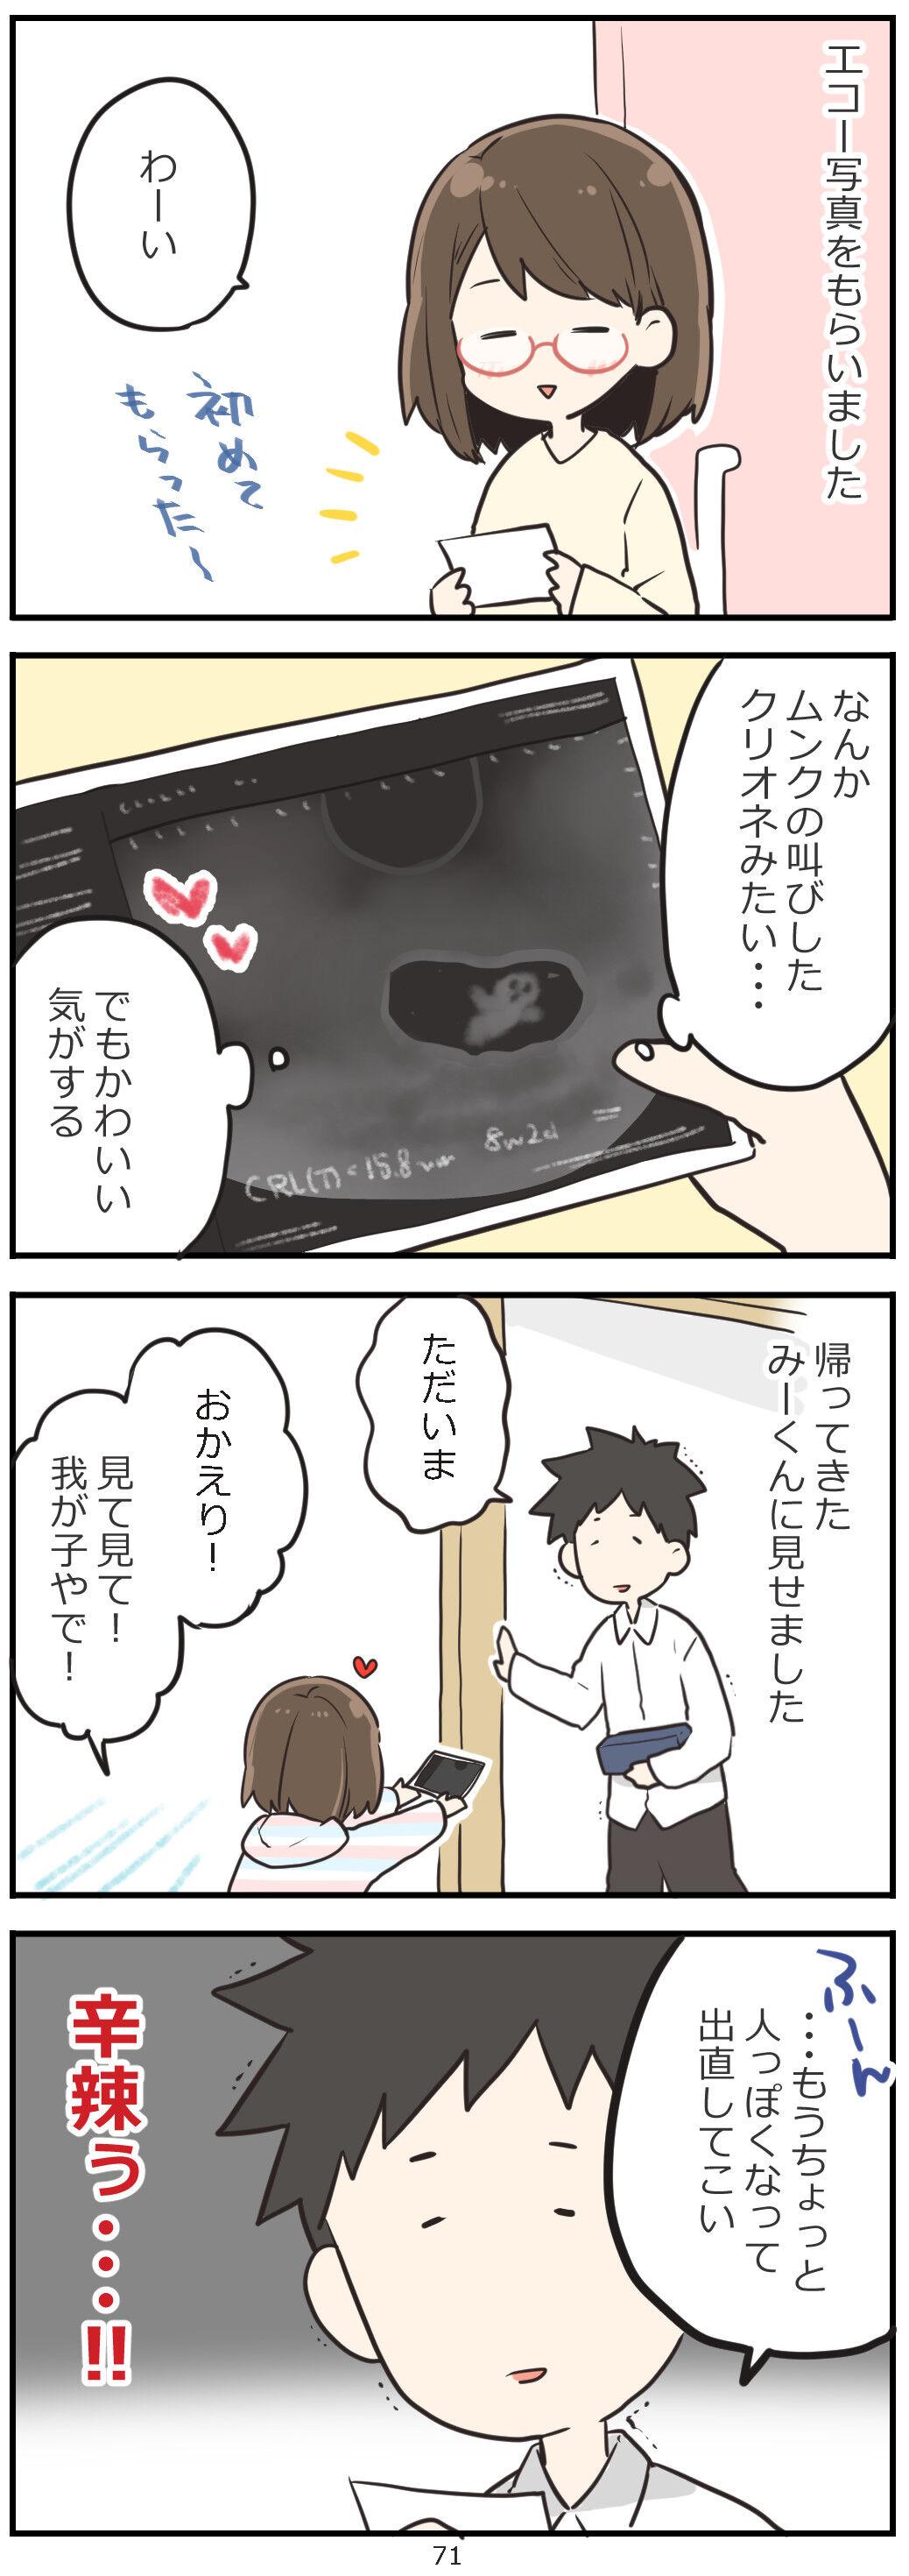 「妊活レベル1 まっふの冒険記」第71話